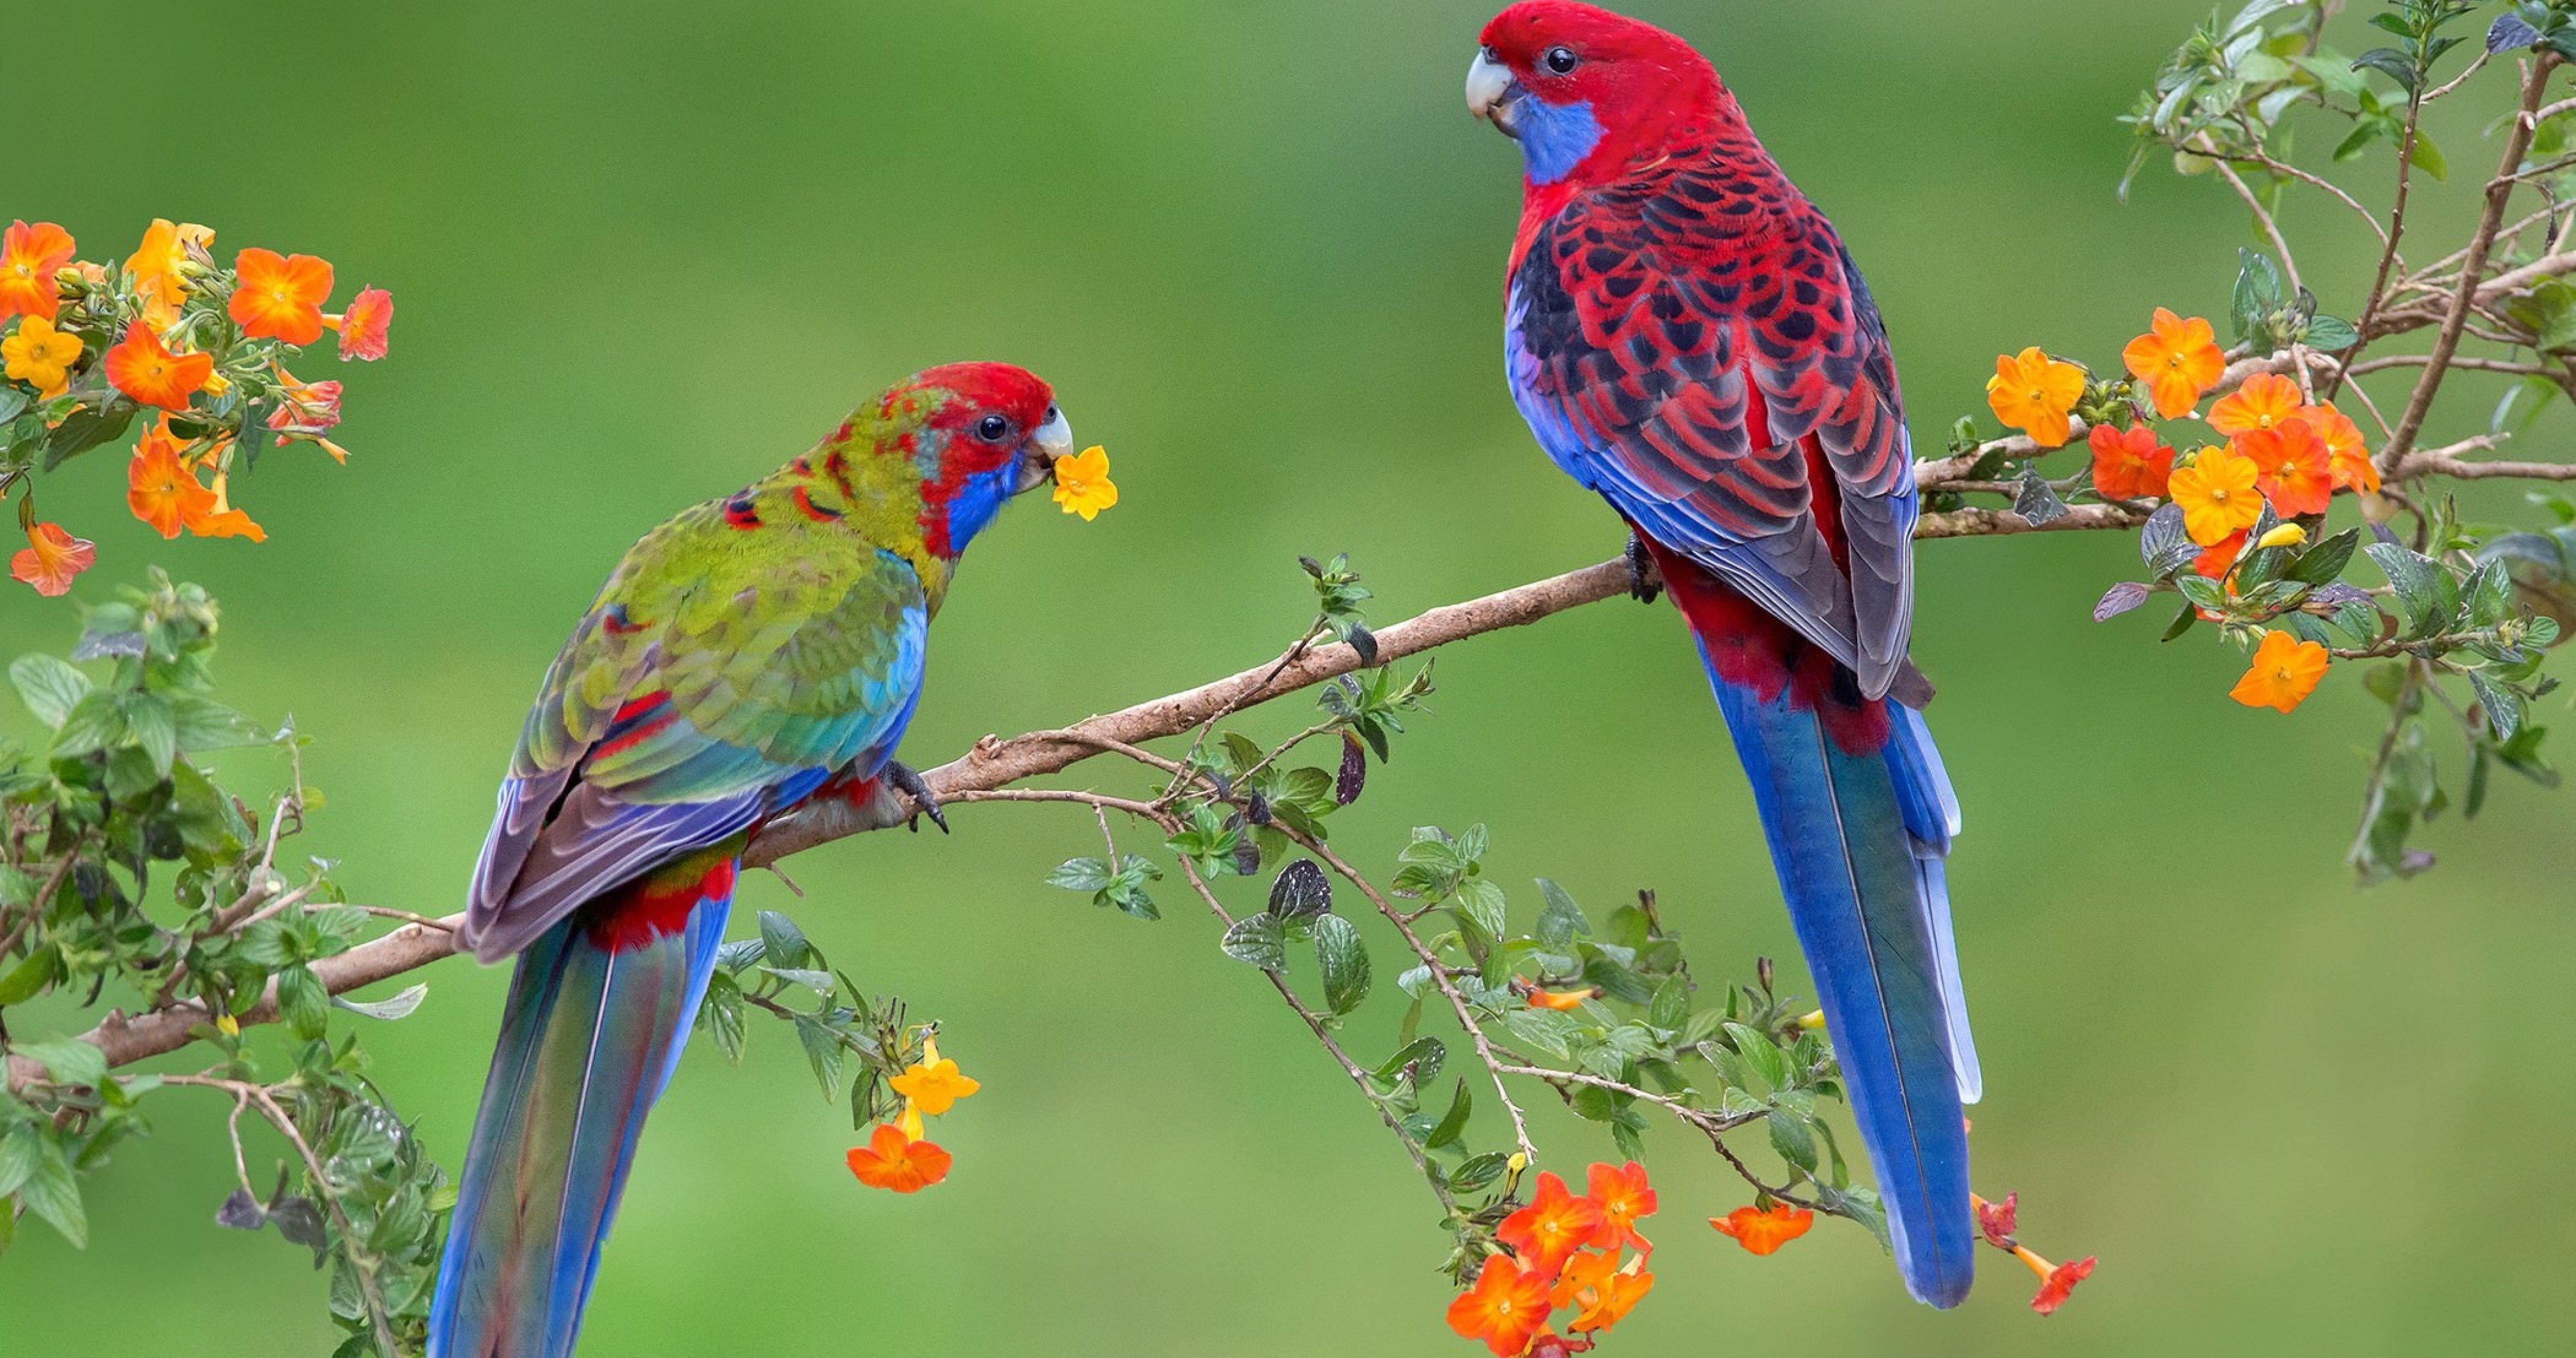 A Couple Parrots 4k Ultra Hd Wallpaper Birds Beautiful Birds Parrot